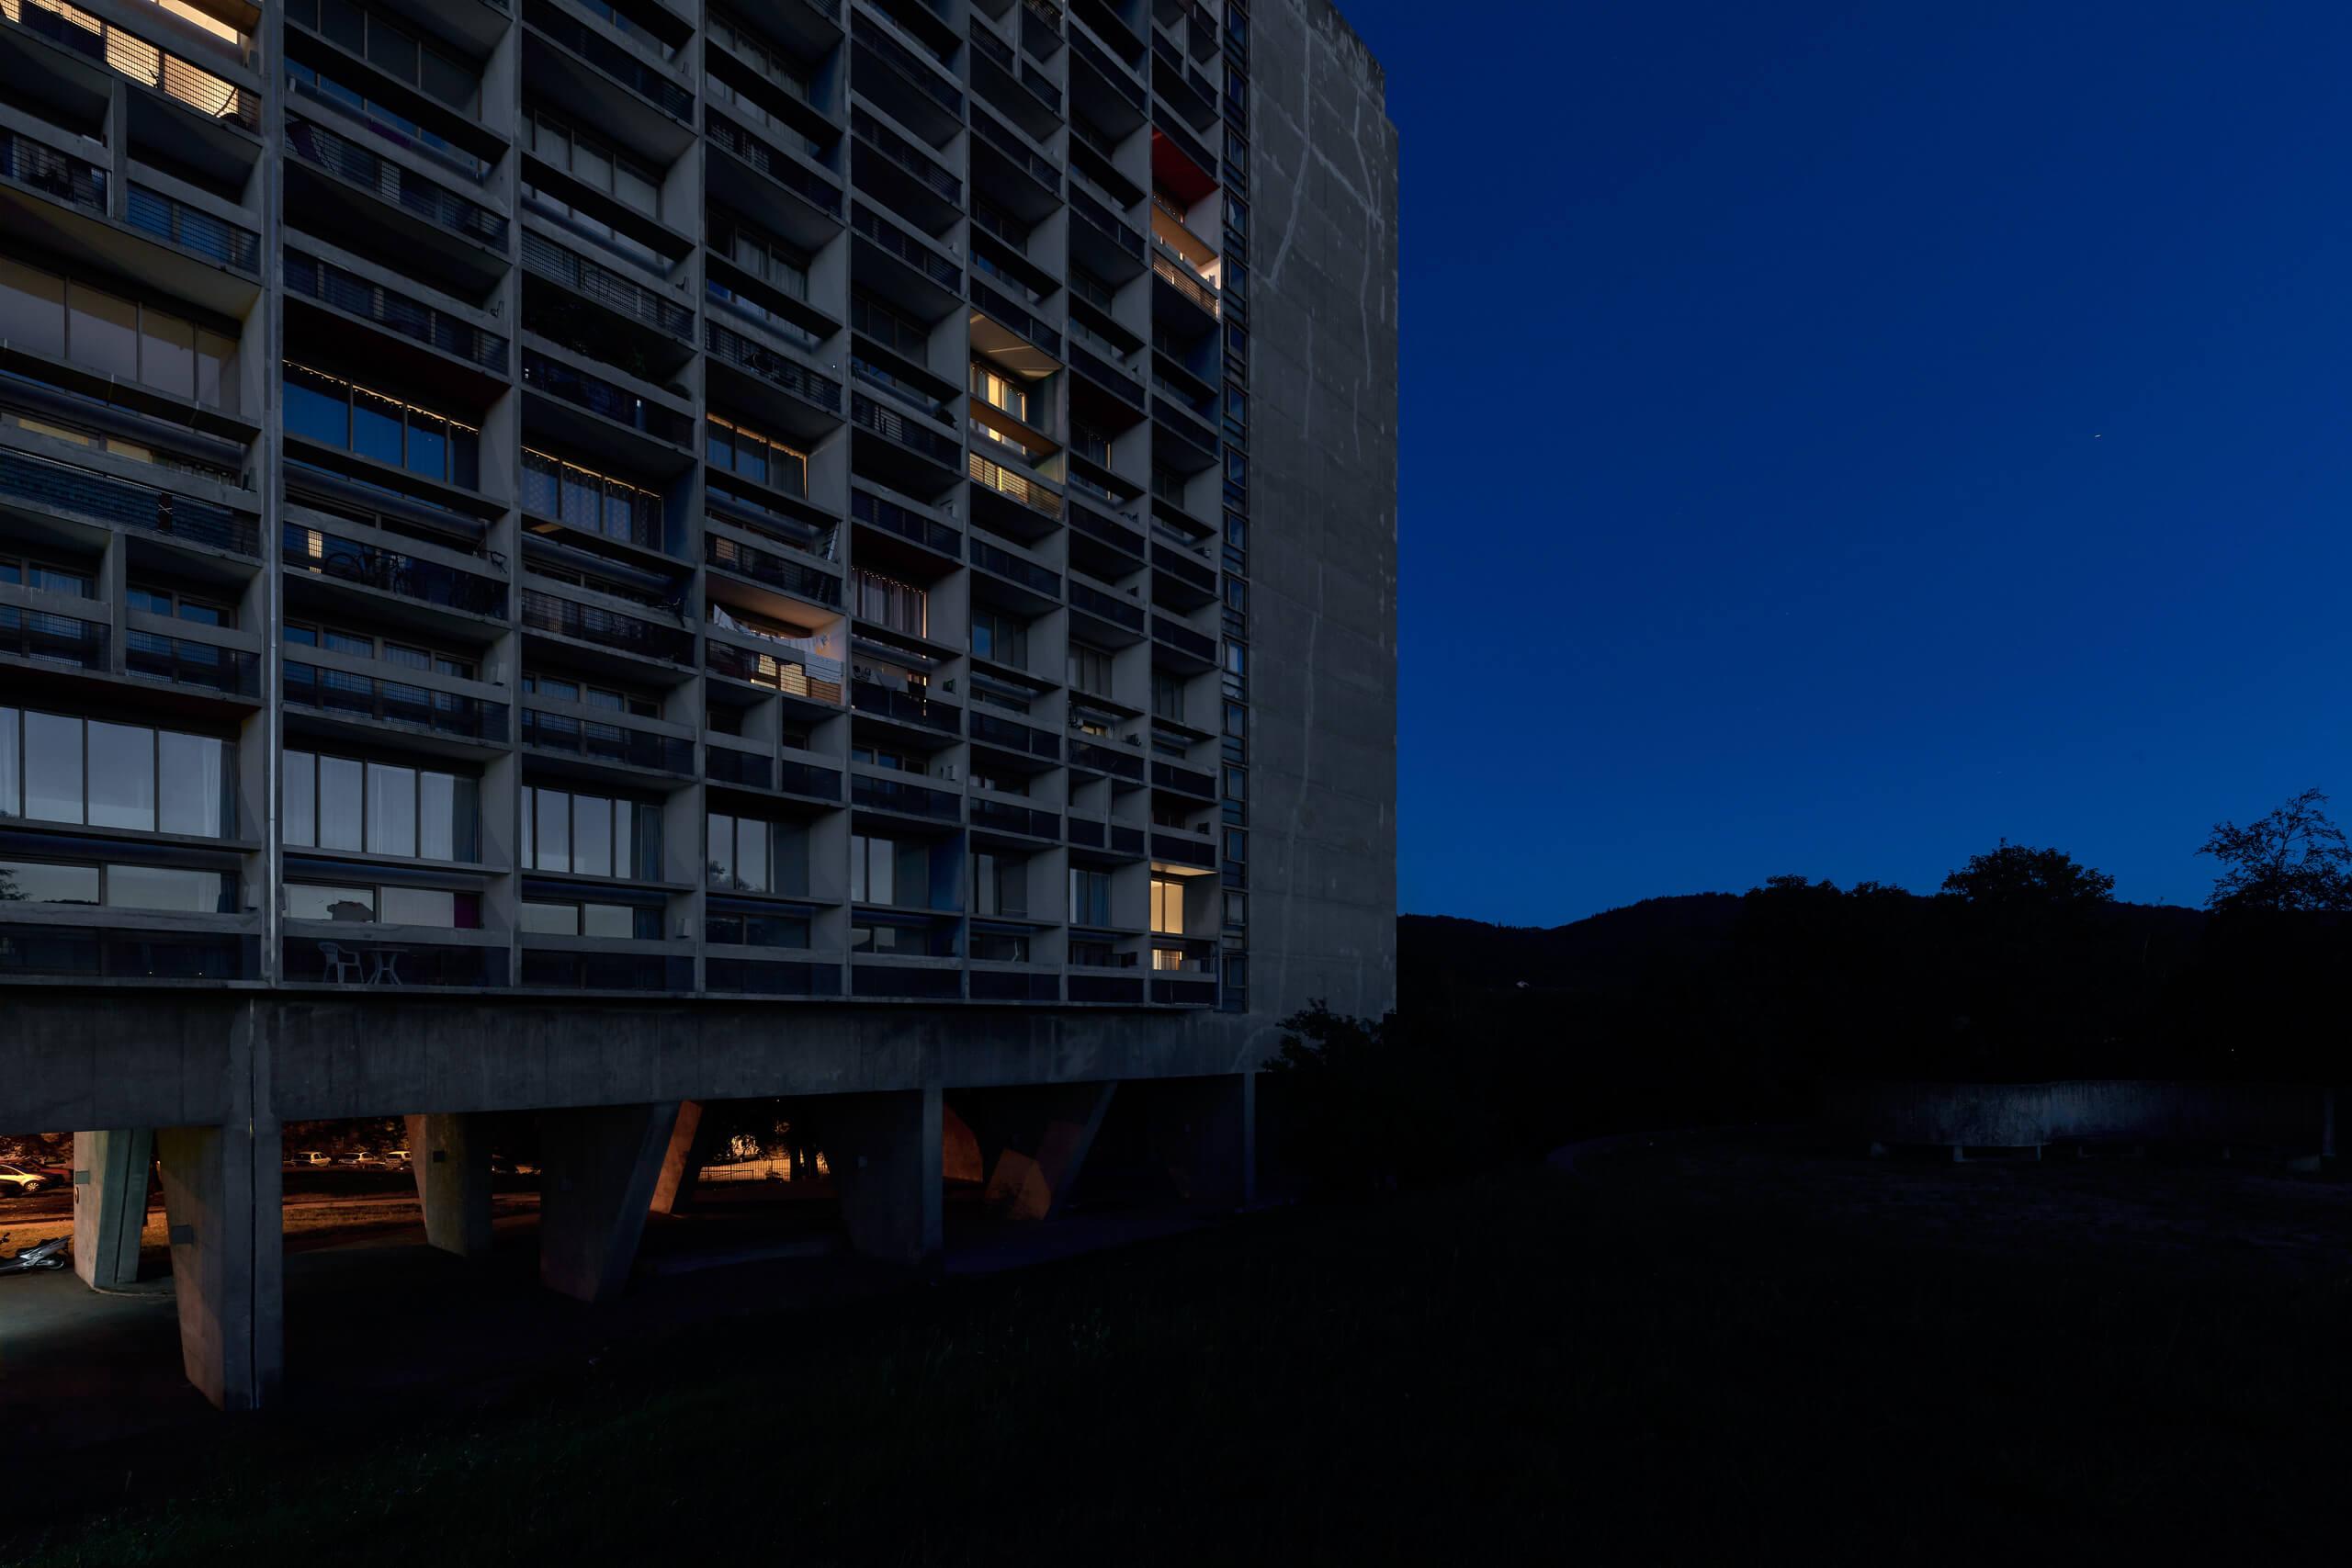 Federico_Covre_Unité_Firminy_Le_Corbusier_2018_79